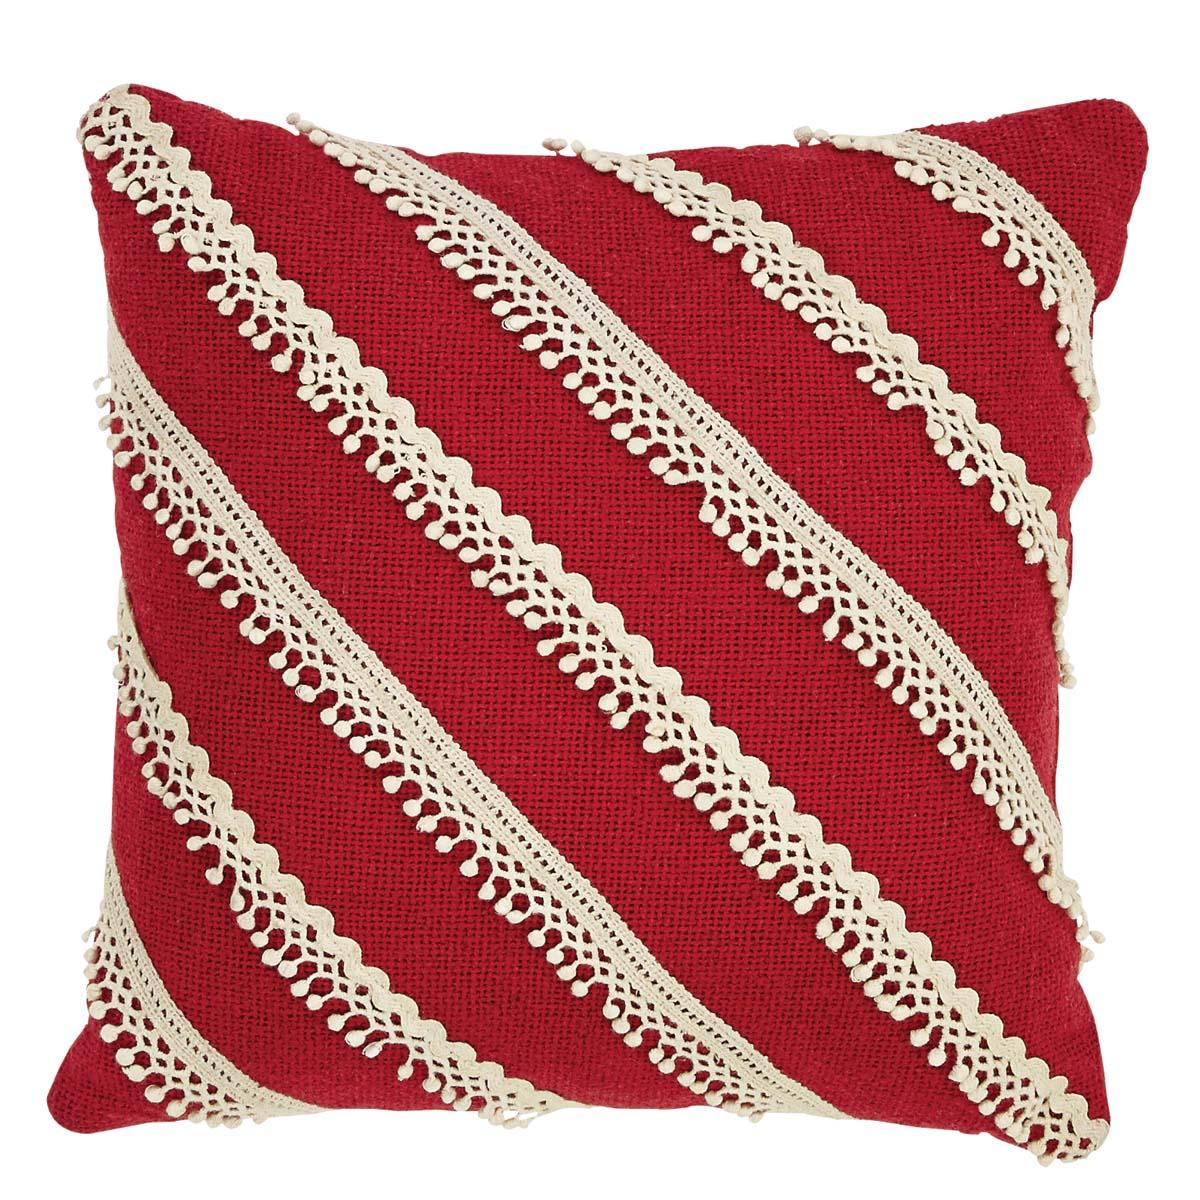 Gretchen Pillow 12x12